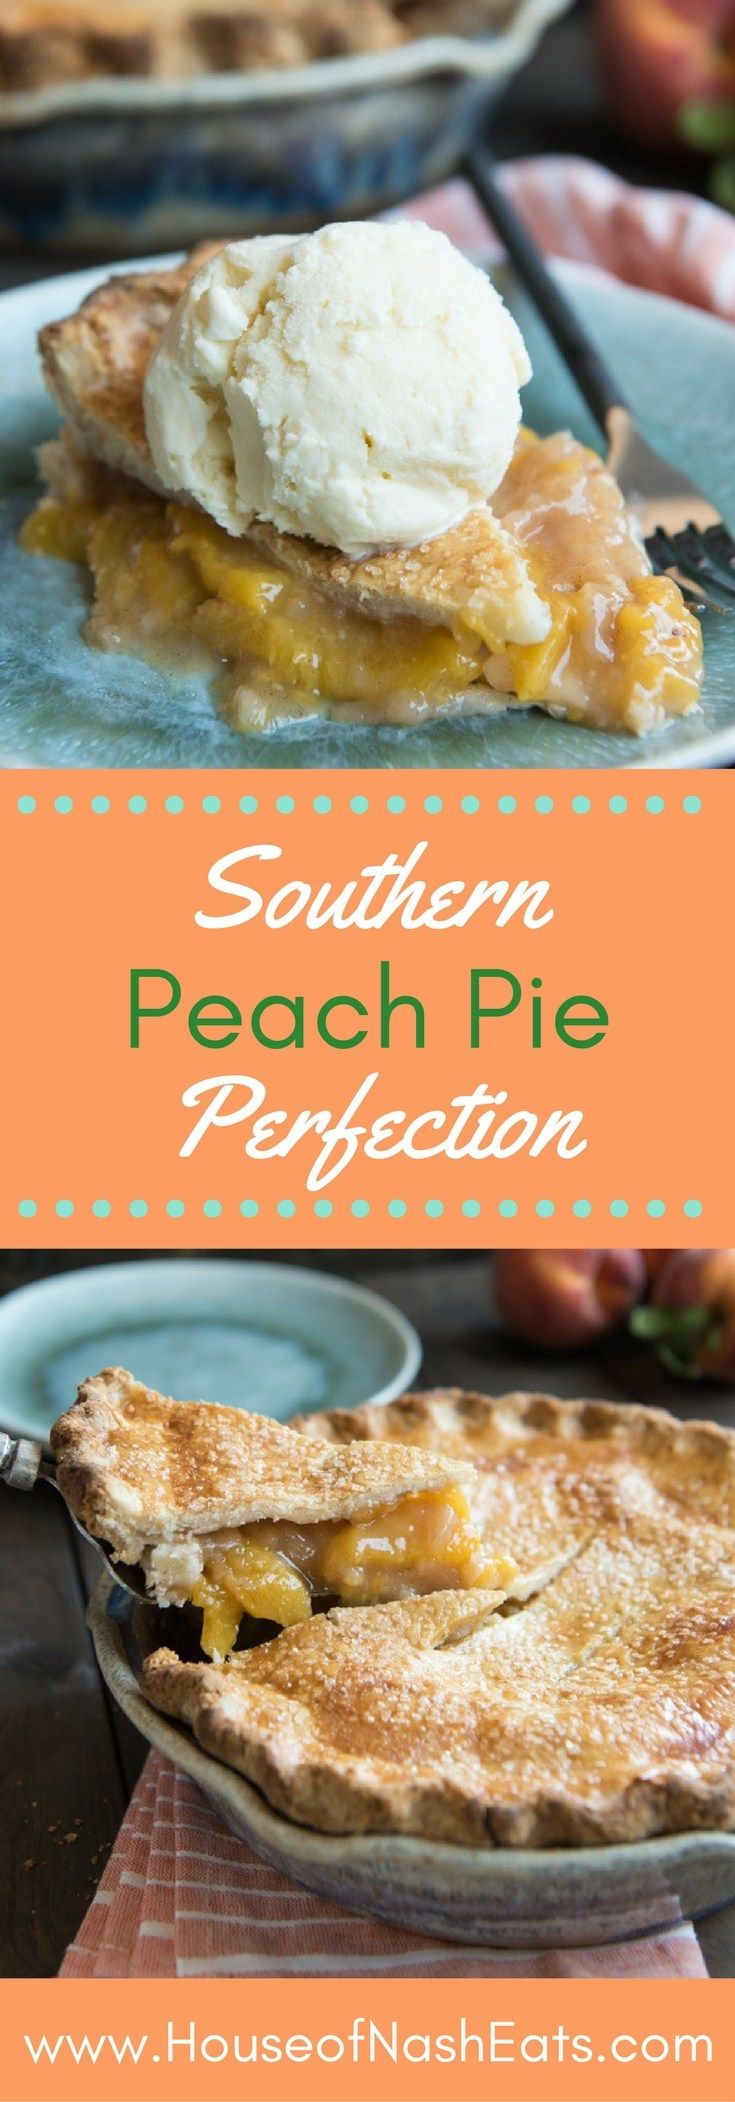 Dit klassieke, Southern Peach Pie is absolute dessert perfectie!  Gevuld met sappigste, liefste verse perziken zomer en maakte met een schilferige, boterachtige dubbel-korst bestrooid met schuren suiker, het is zo mooi een taart want het is heerlijk en prachtig à la mode met een grote bolletje vanille-ijs!